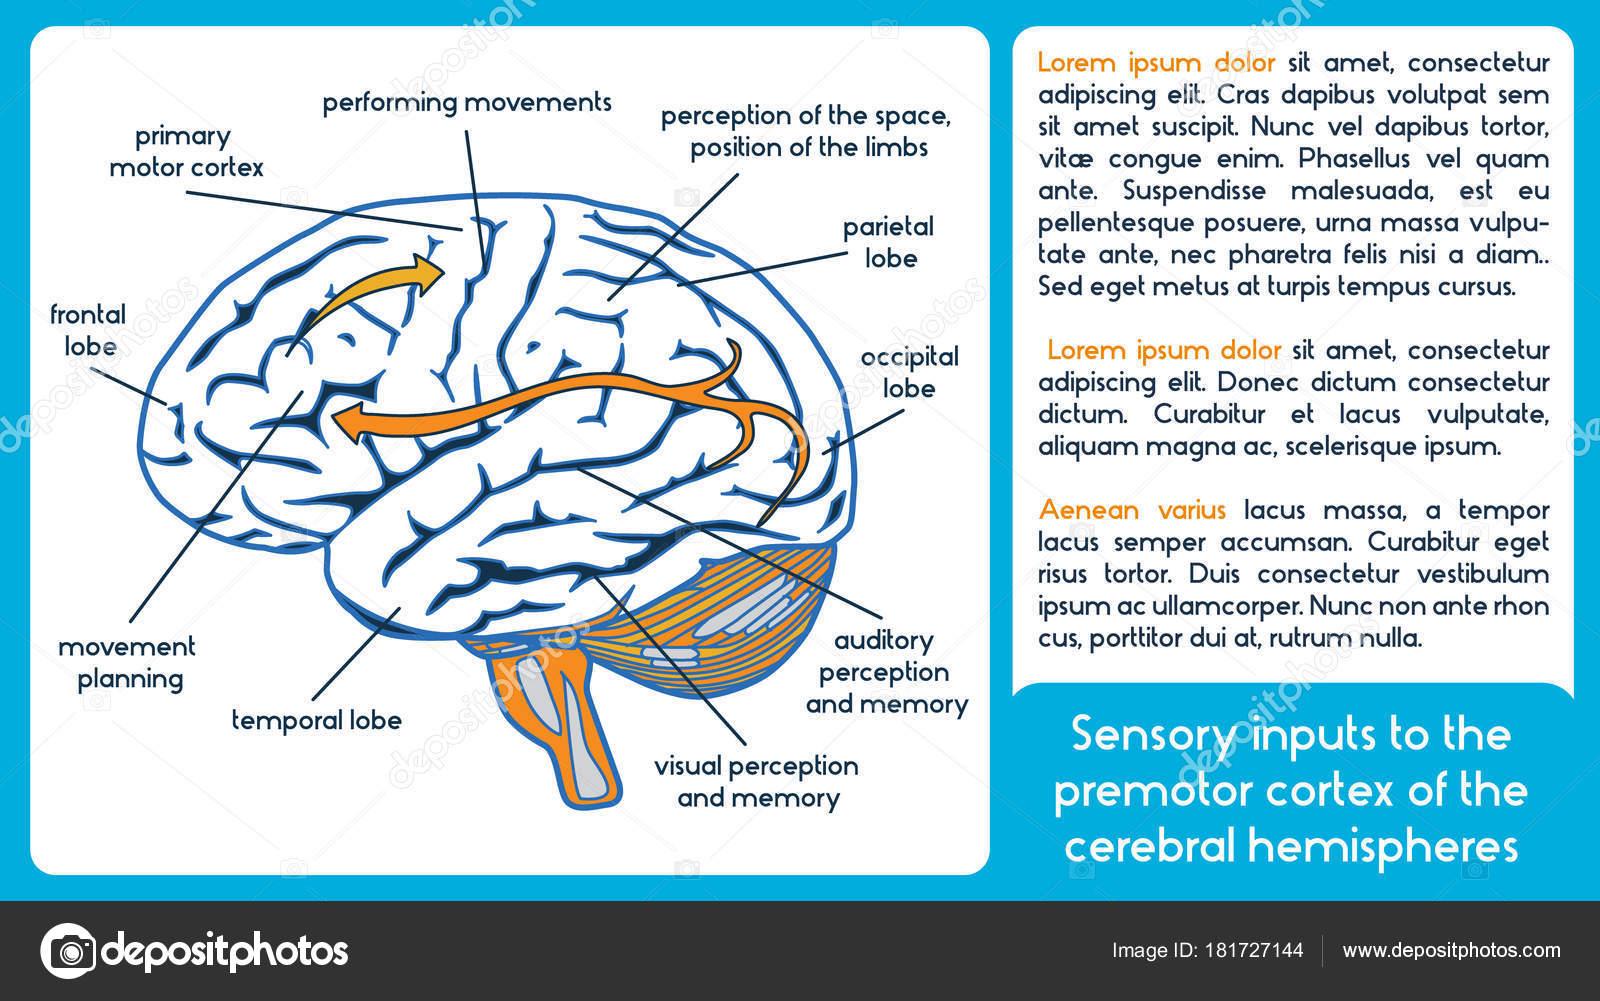 Sinneseindrücke der prämotorischen Kortex der zerebralen Hemisphäre ...